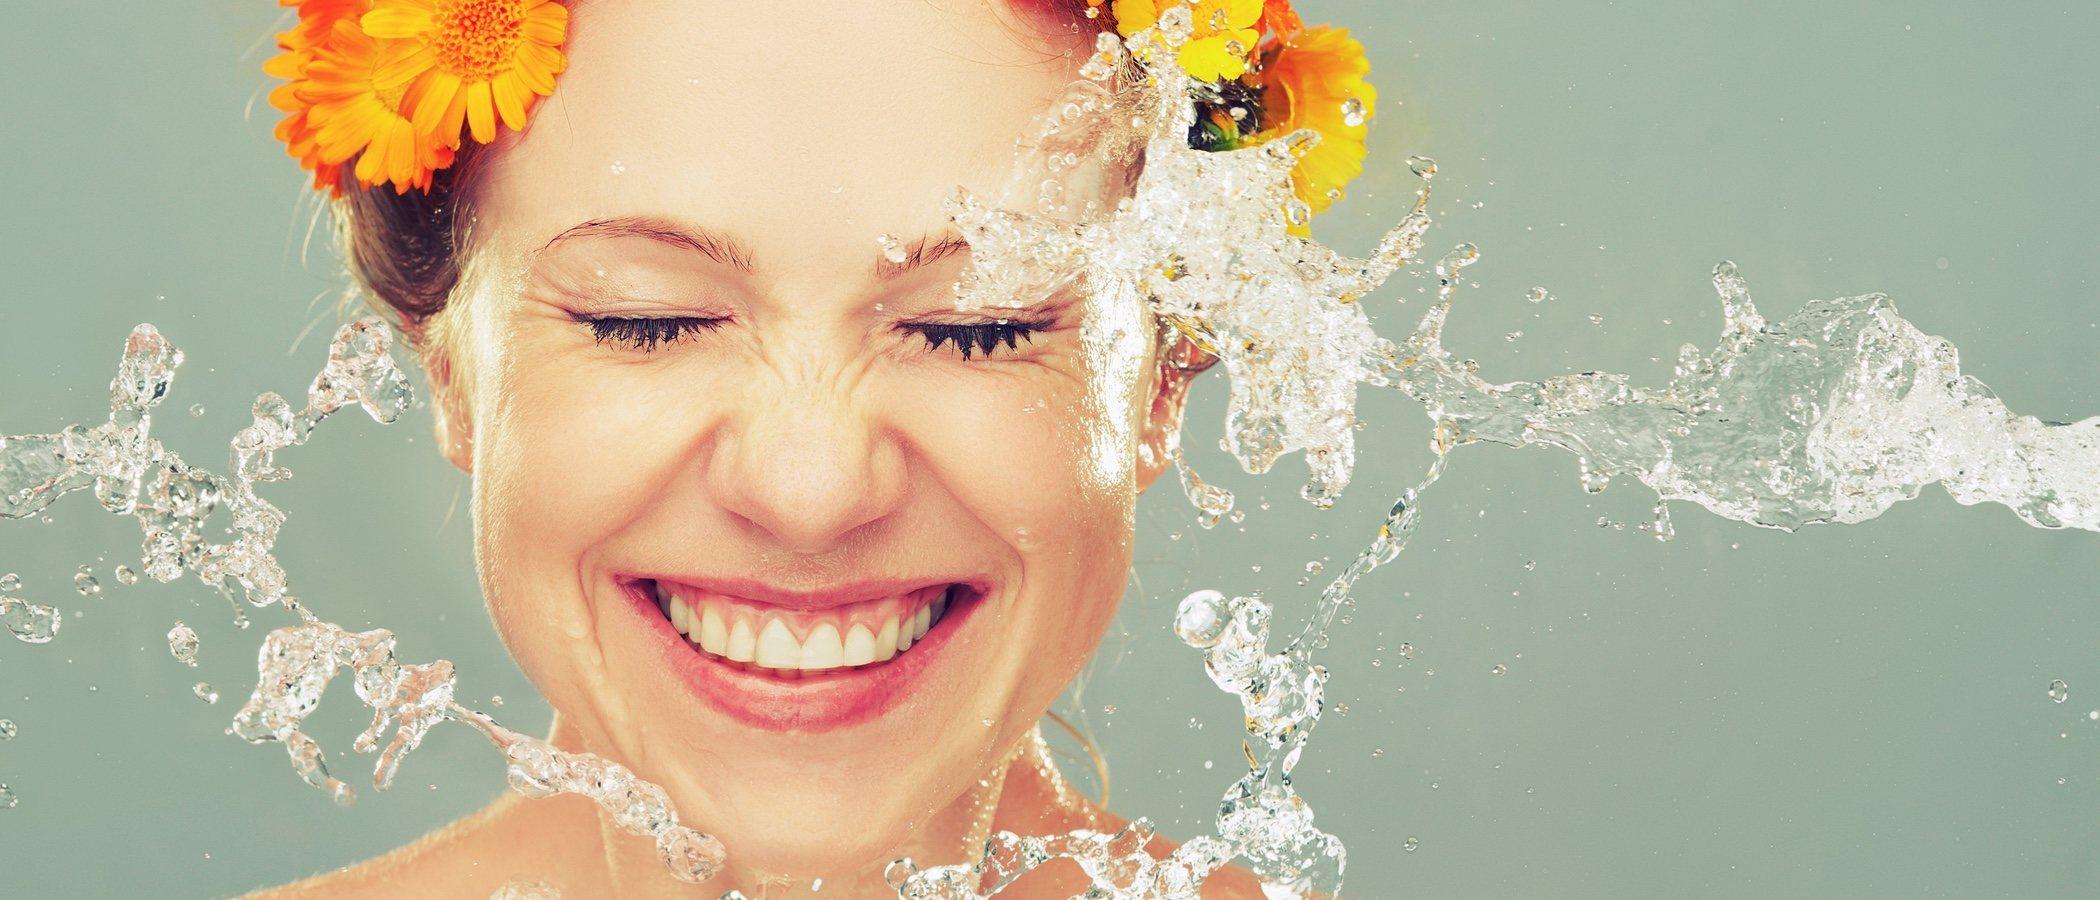 Maquillaje waterproof: cosmética a prueba de agua